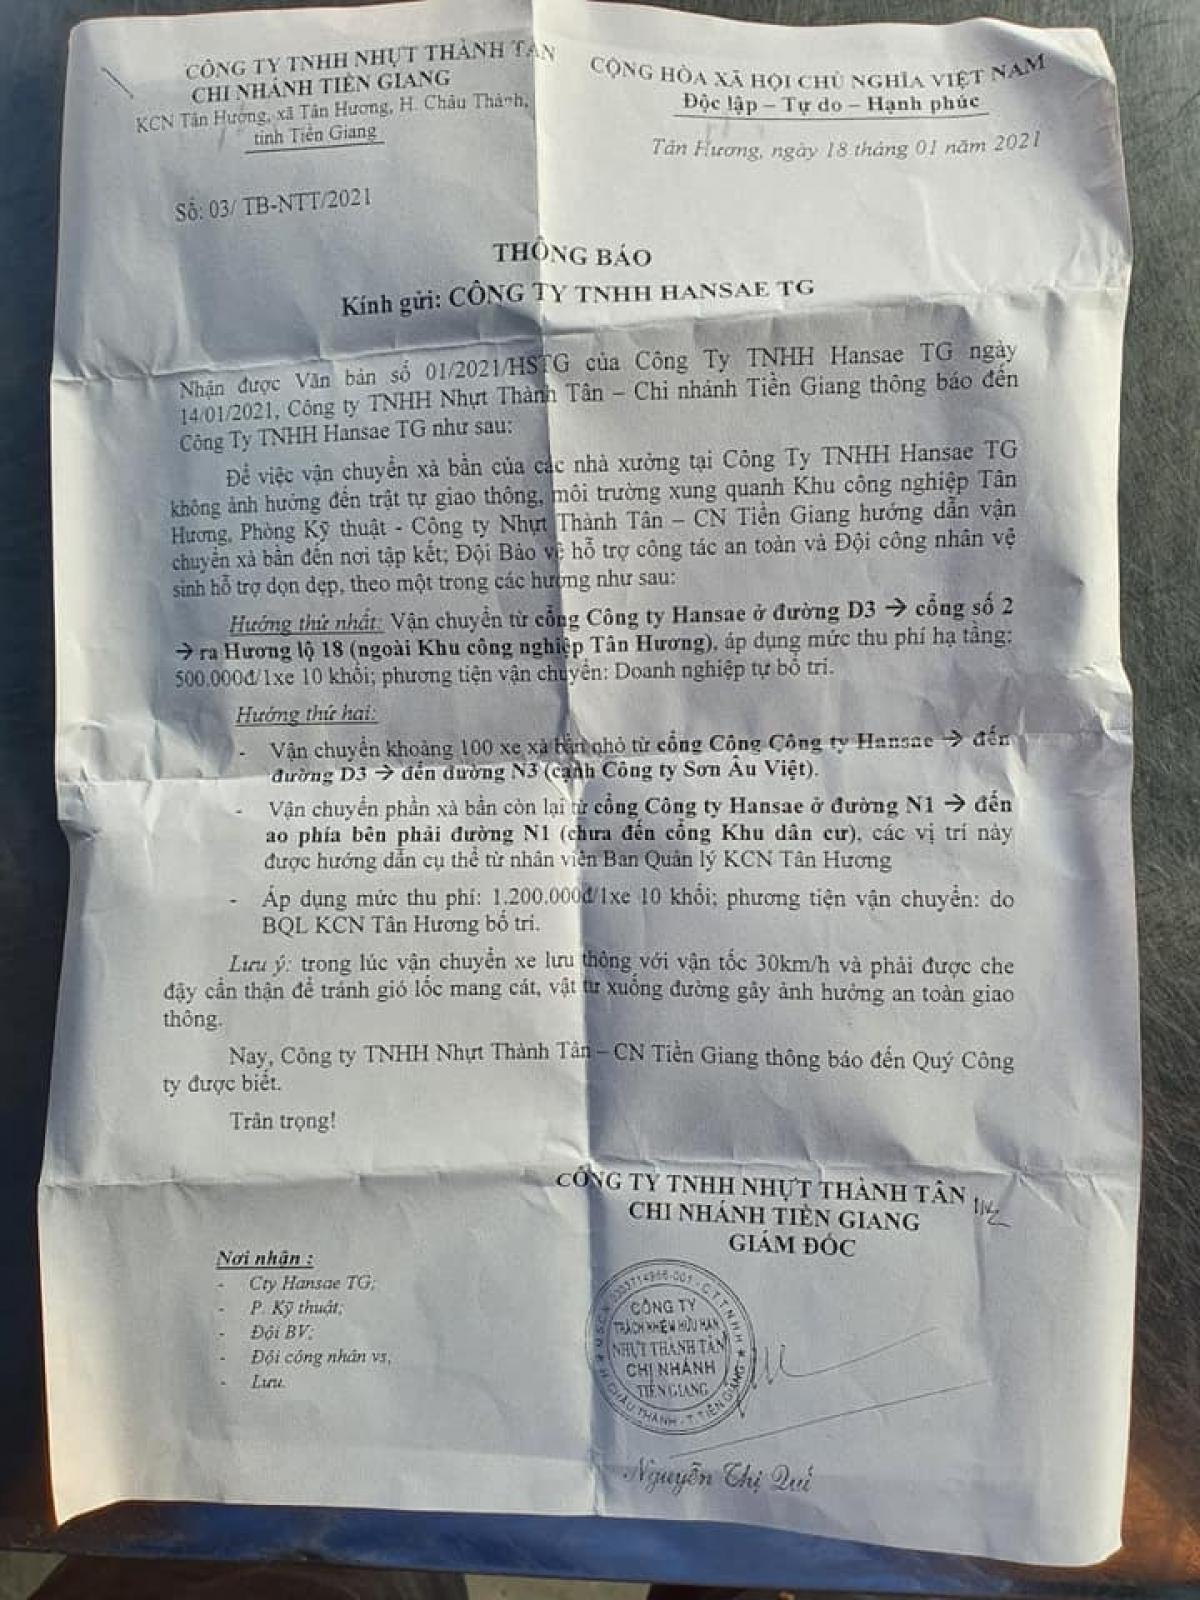 Văn bản của đơn vị quản lý Khu công nghiệp Tân Hương yêu cầu doanh nghiệp đưa phế liệu ra ngoài phải đóng phí gây bức xúc.